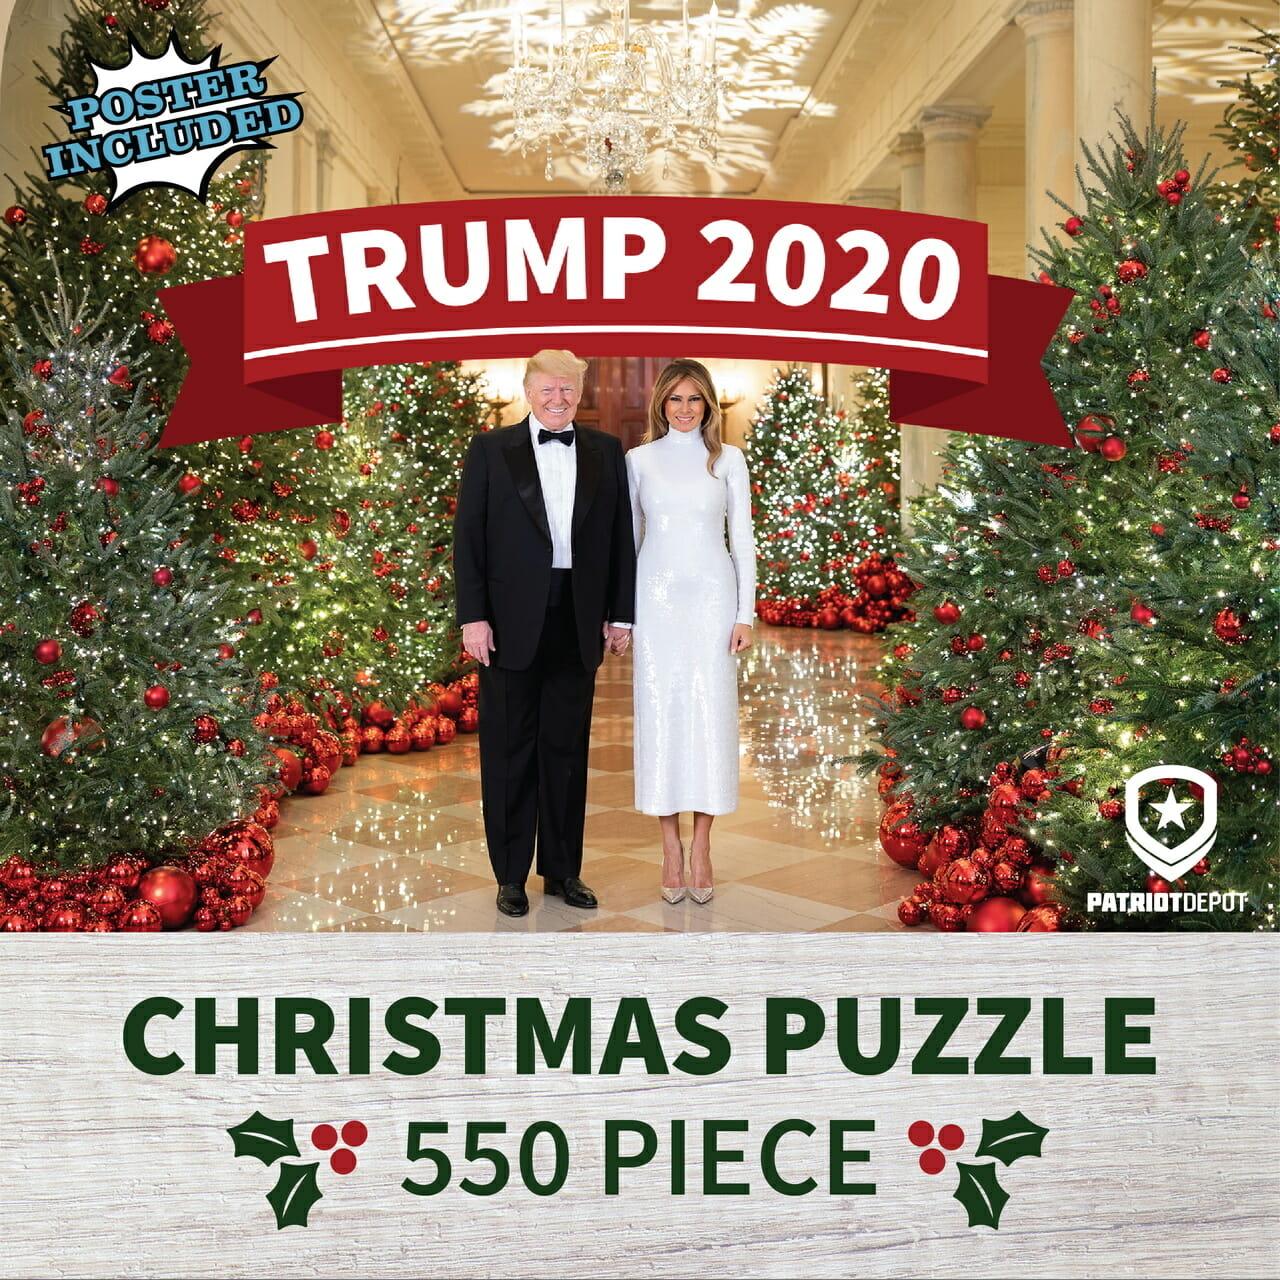 Trump 2020 Puzzle